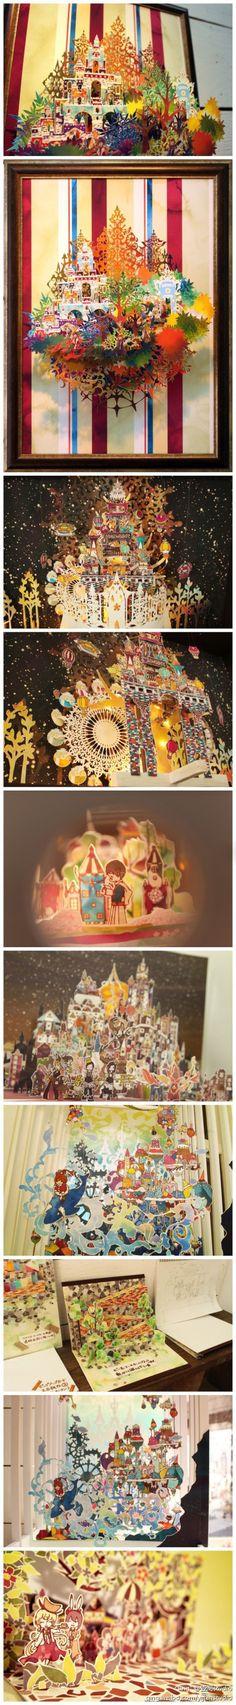 【插画】梦幻童话de3D插画立体折纸。